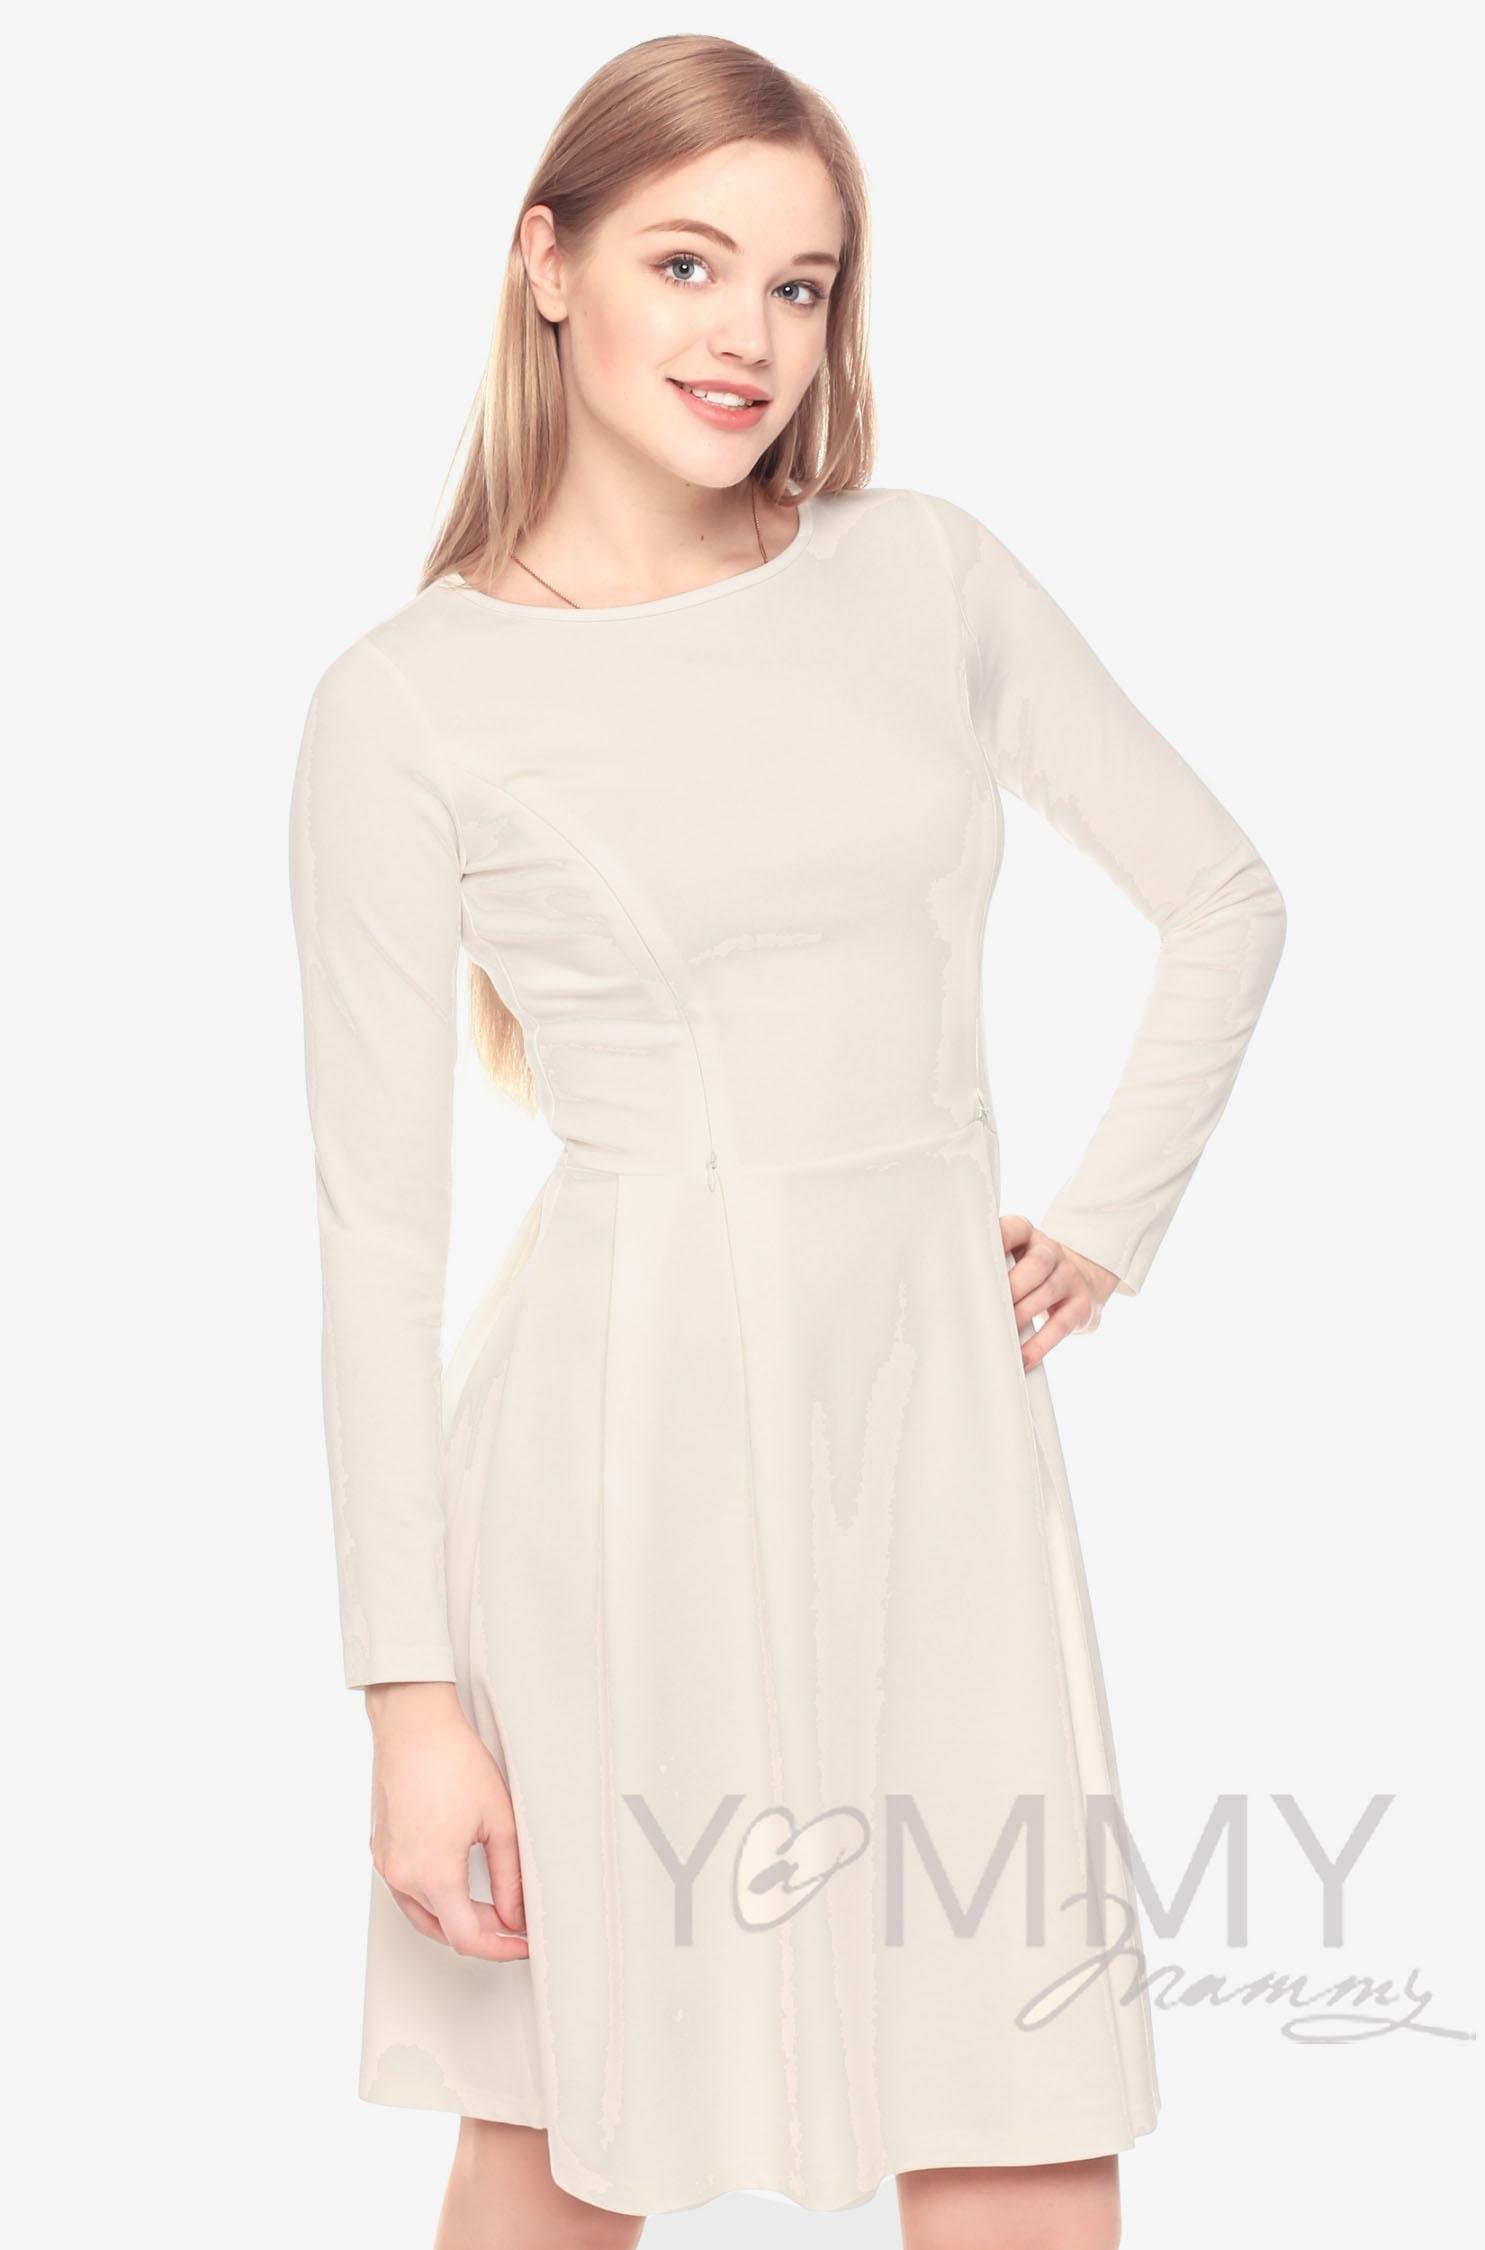 Платье со склПлатье для беременных и кормящих со складками, экрюадками экрю для беременных